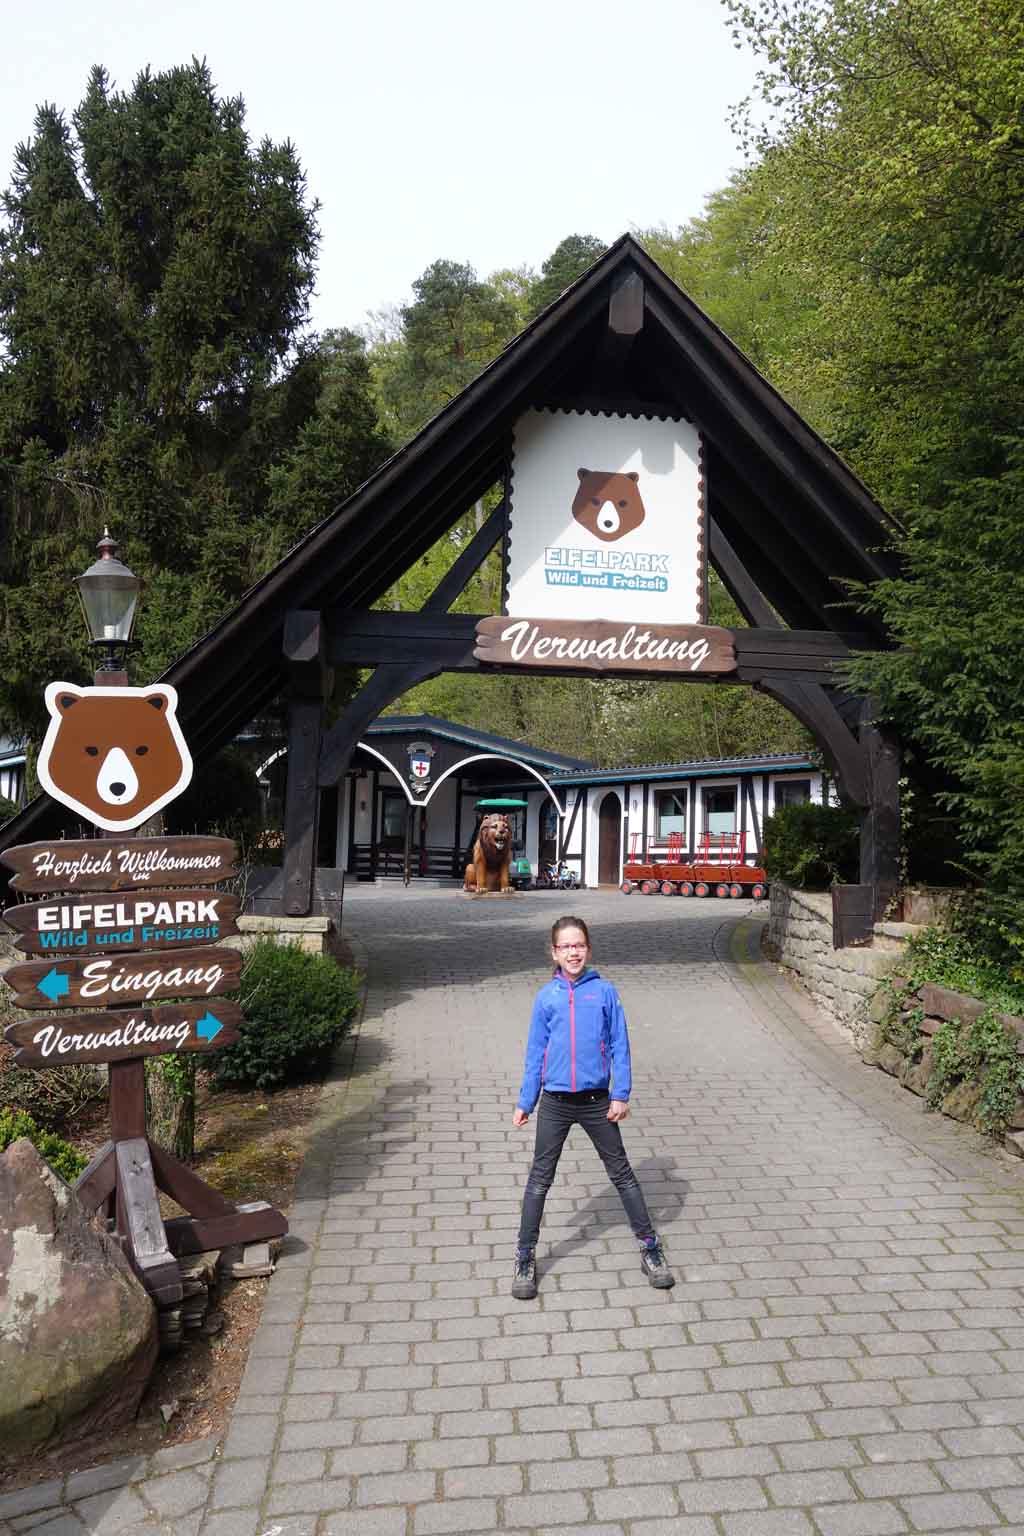 We brengen een bezoek aan het Eifelpark.